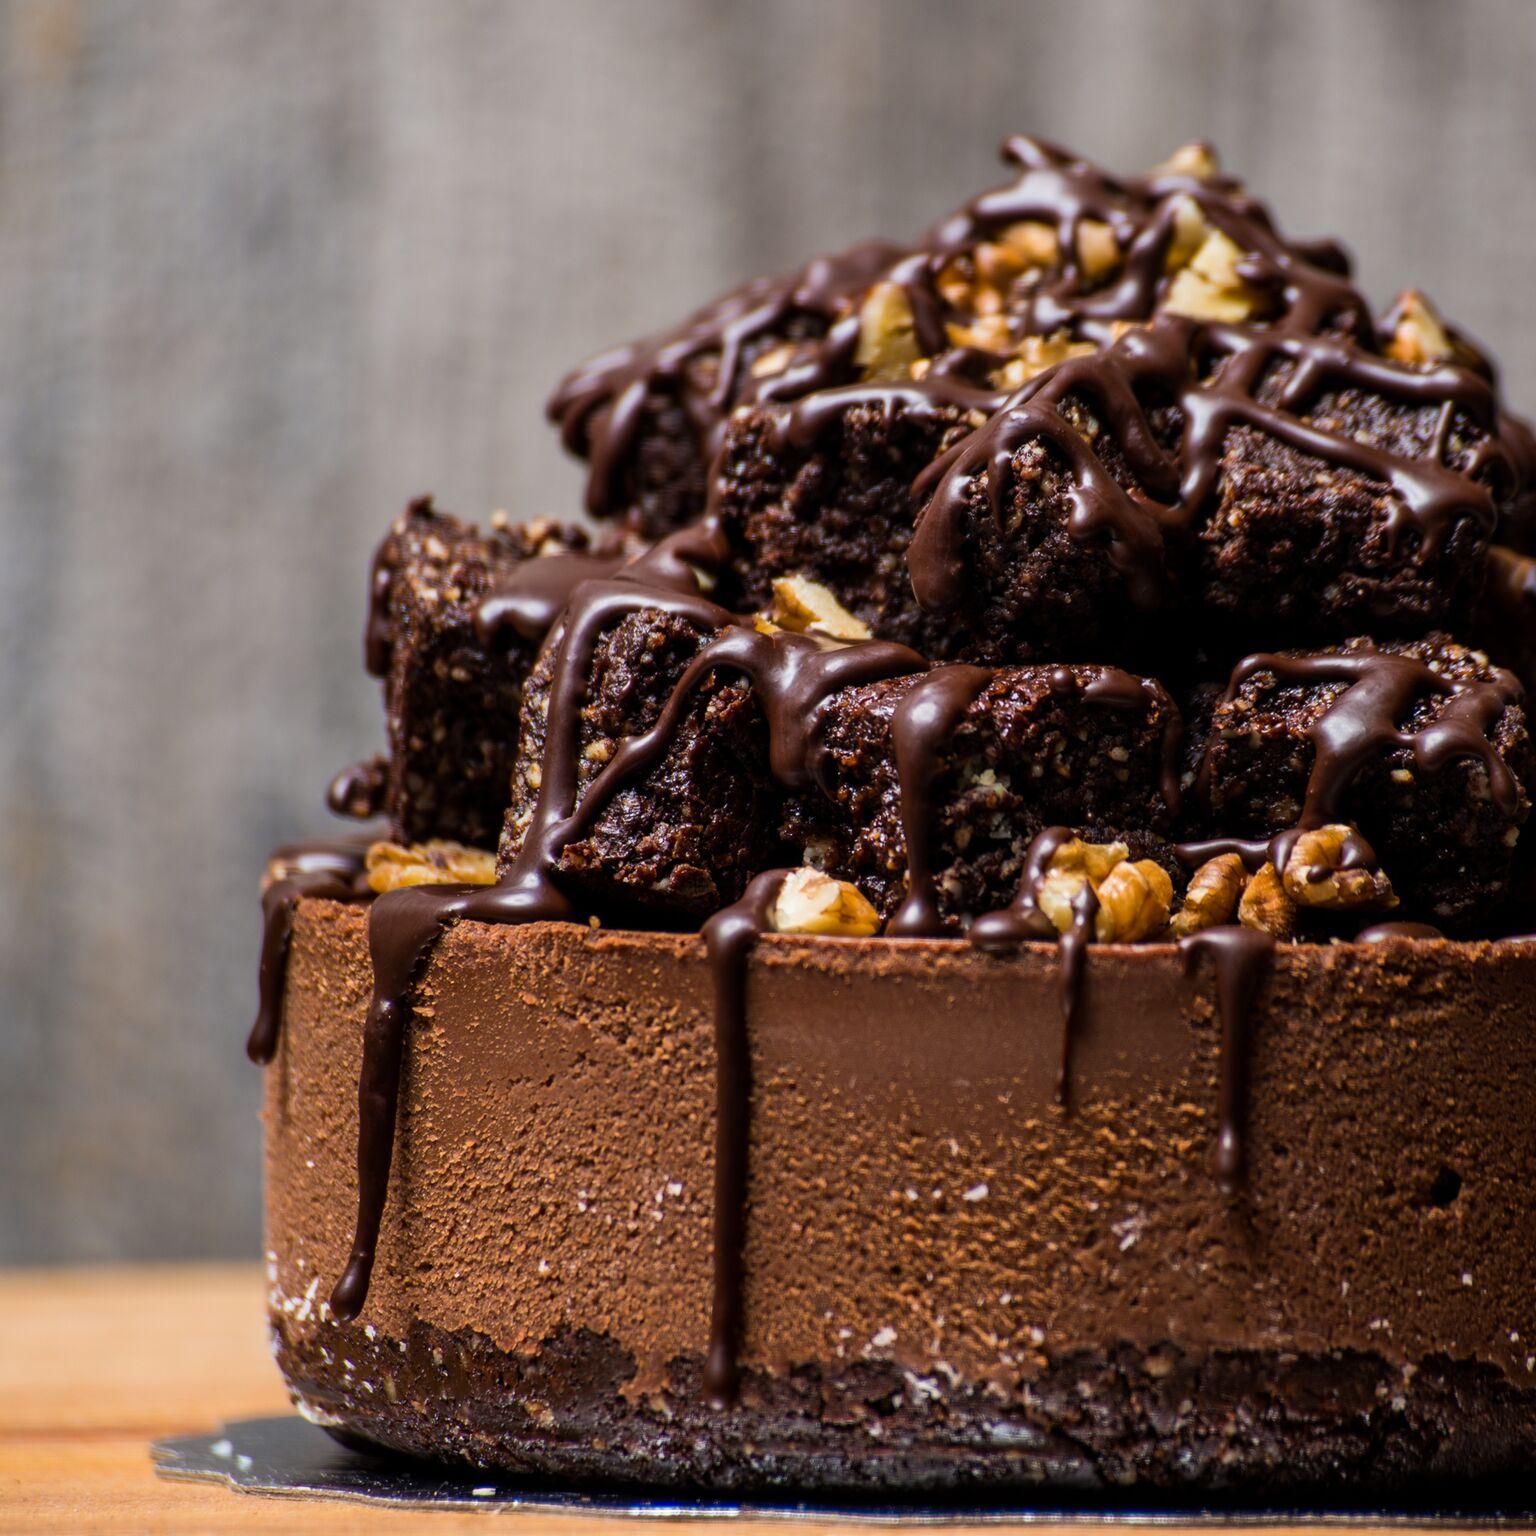 Gluten-free + Vegan Chaga Brownie Cake by Unbaked Cake Co.  Photo by: Tim D (www.instagram.com/timdbmit)  .